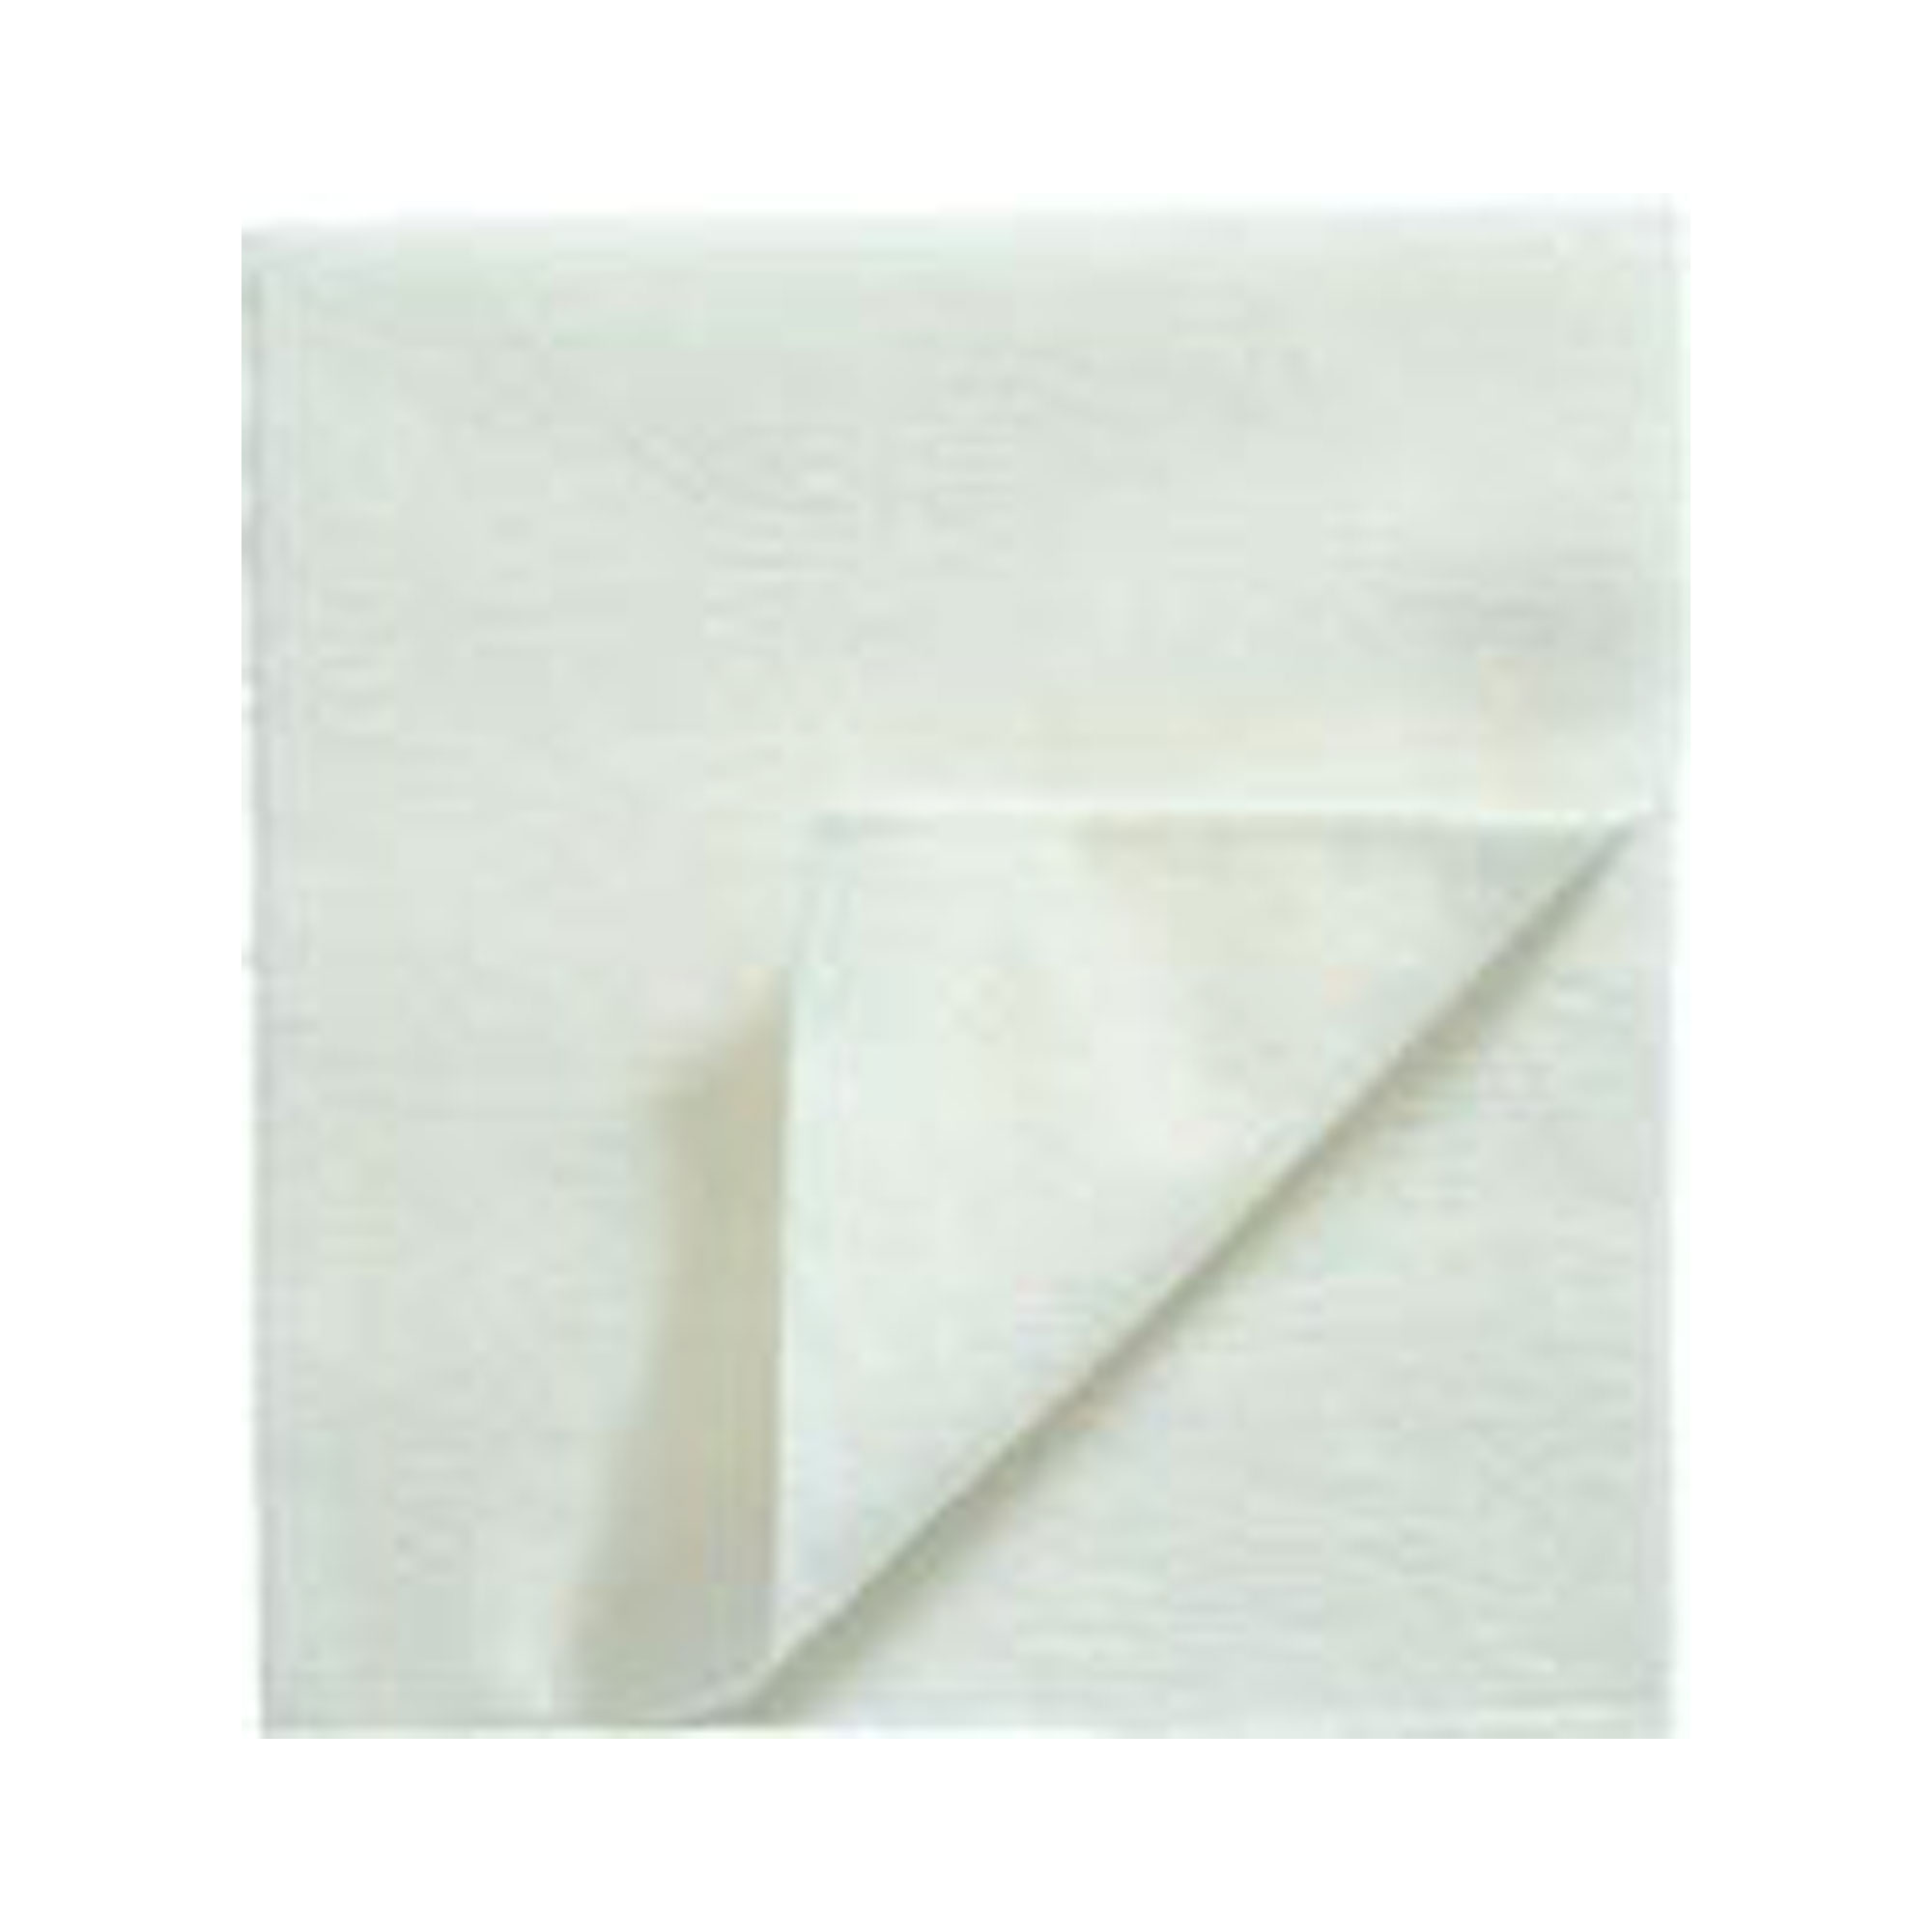 Molnlycke Mesalt 6 inch X 6 inch Dressing (3 inch X 3 inch Folded) 30/bx 285780